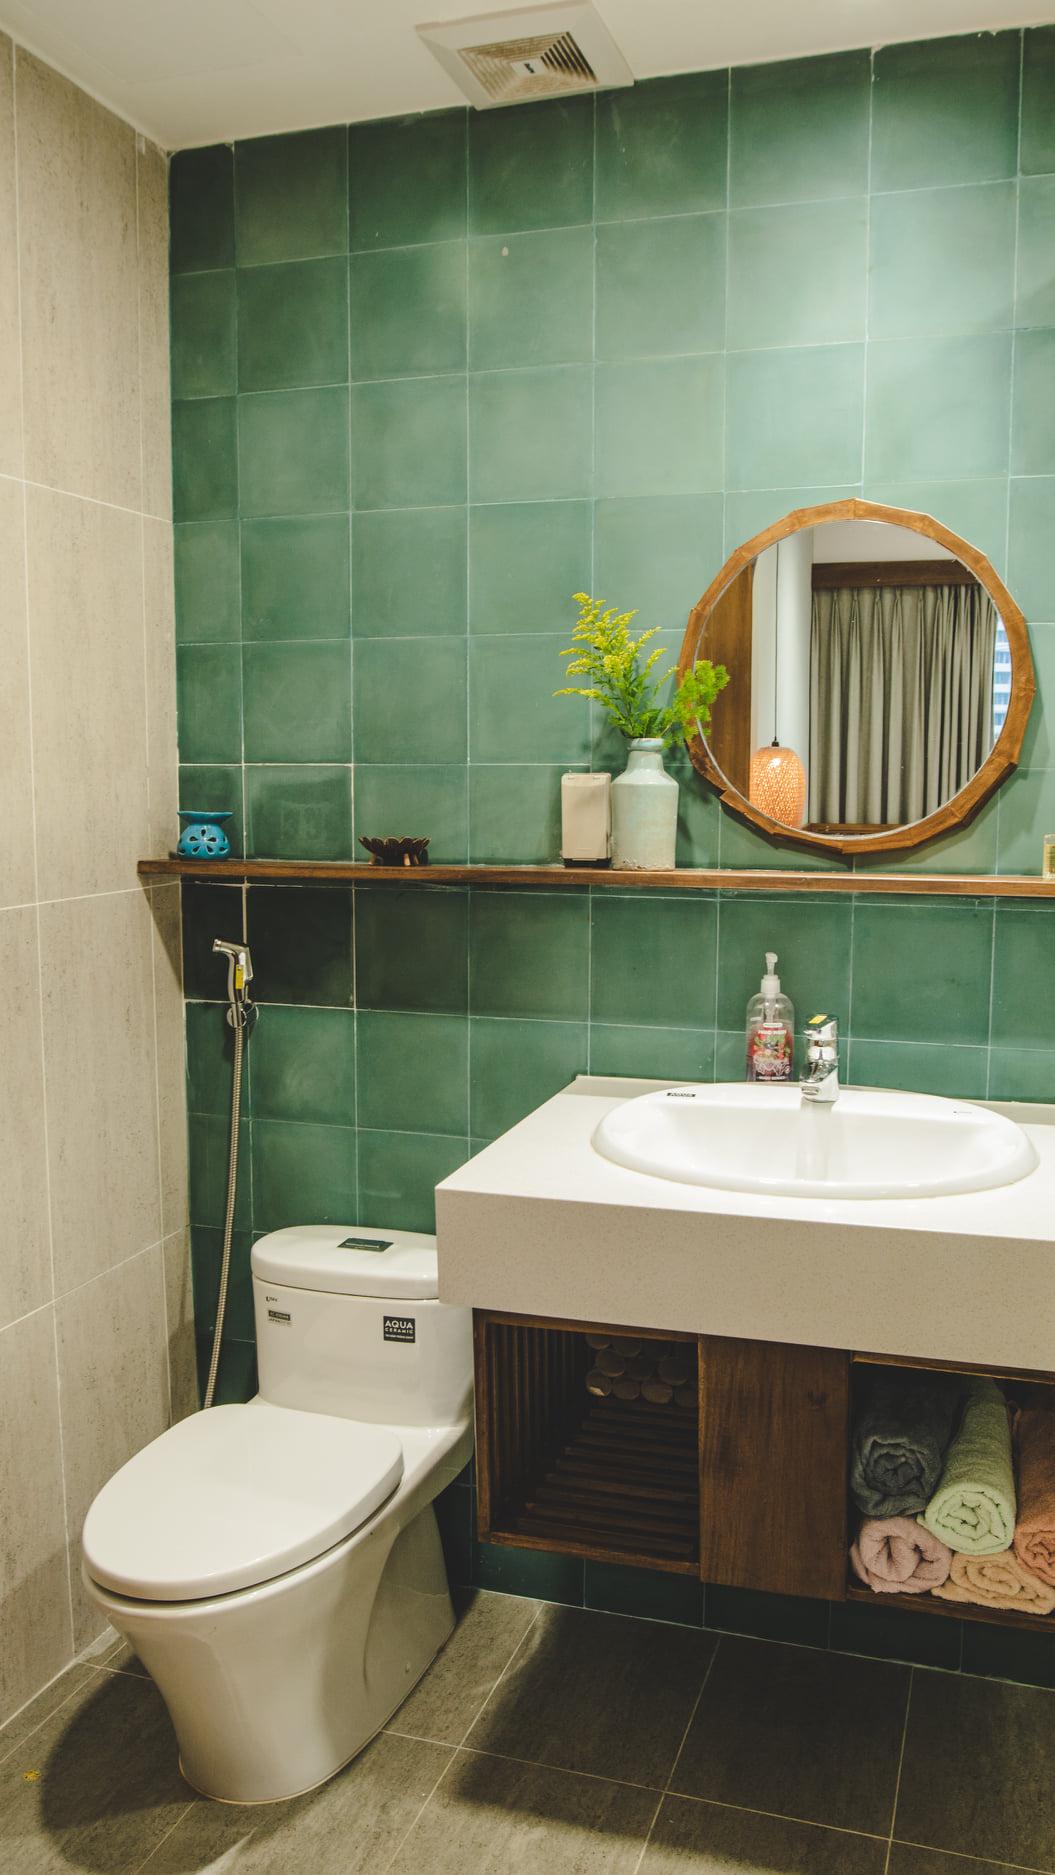 Phòng vệ sinh sử dụng gạch ốp tường tông xanh mát mắt.